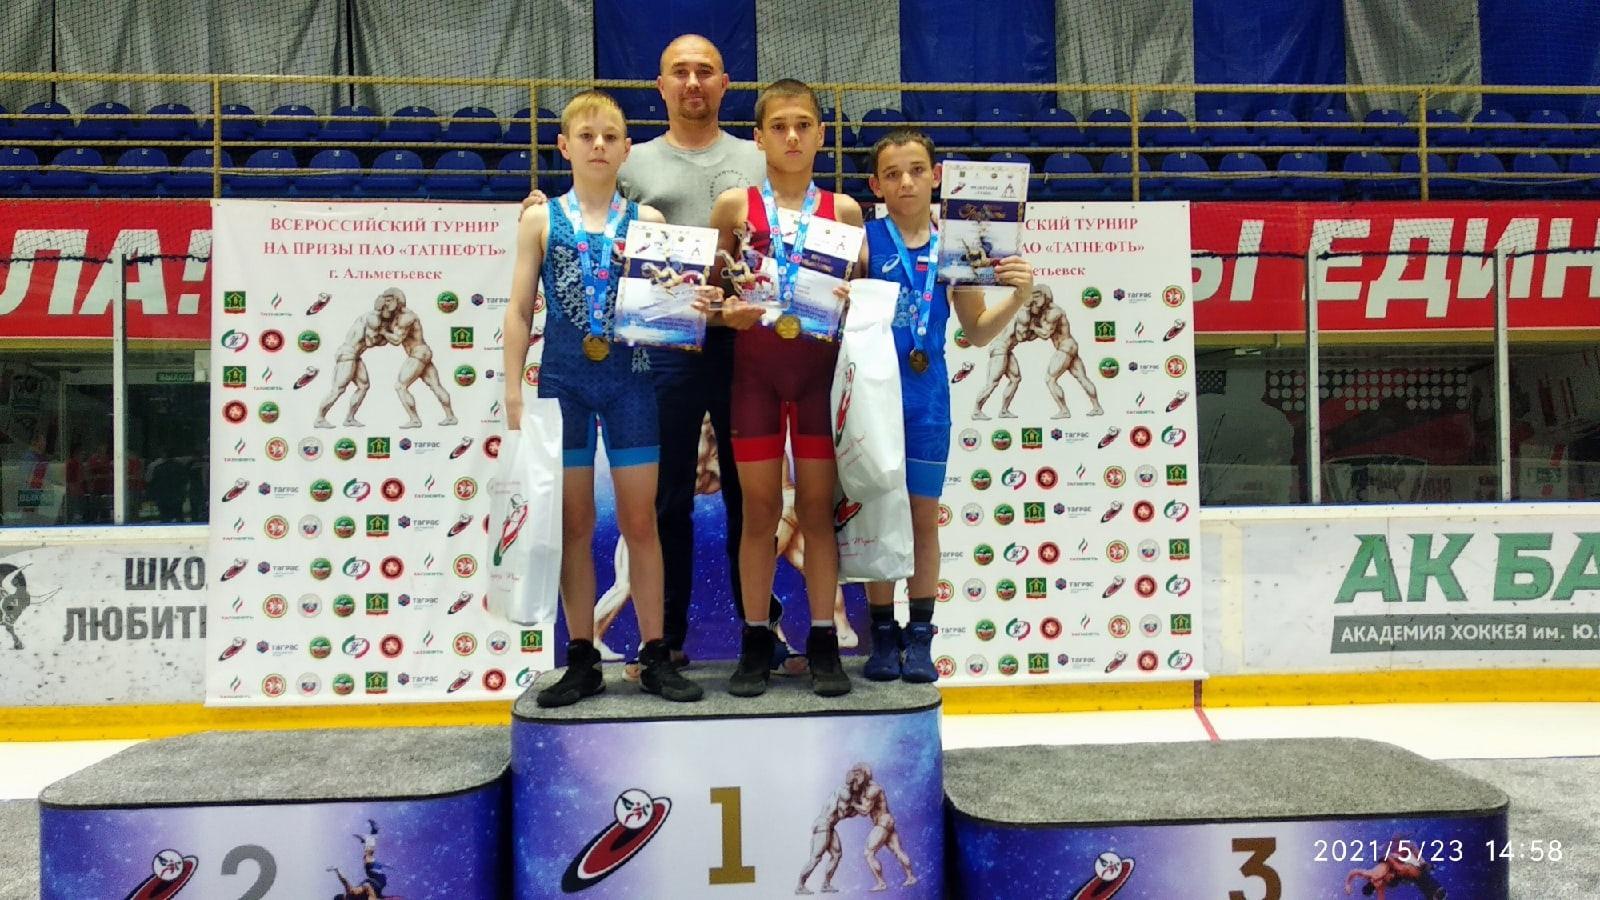 Можгинцы выиграли золото на Всероссийском юбилейном турнире по греко-римской борьбе